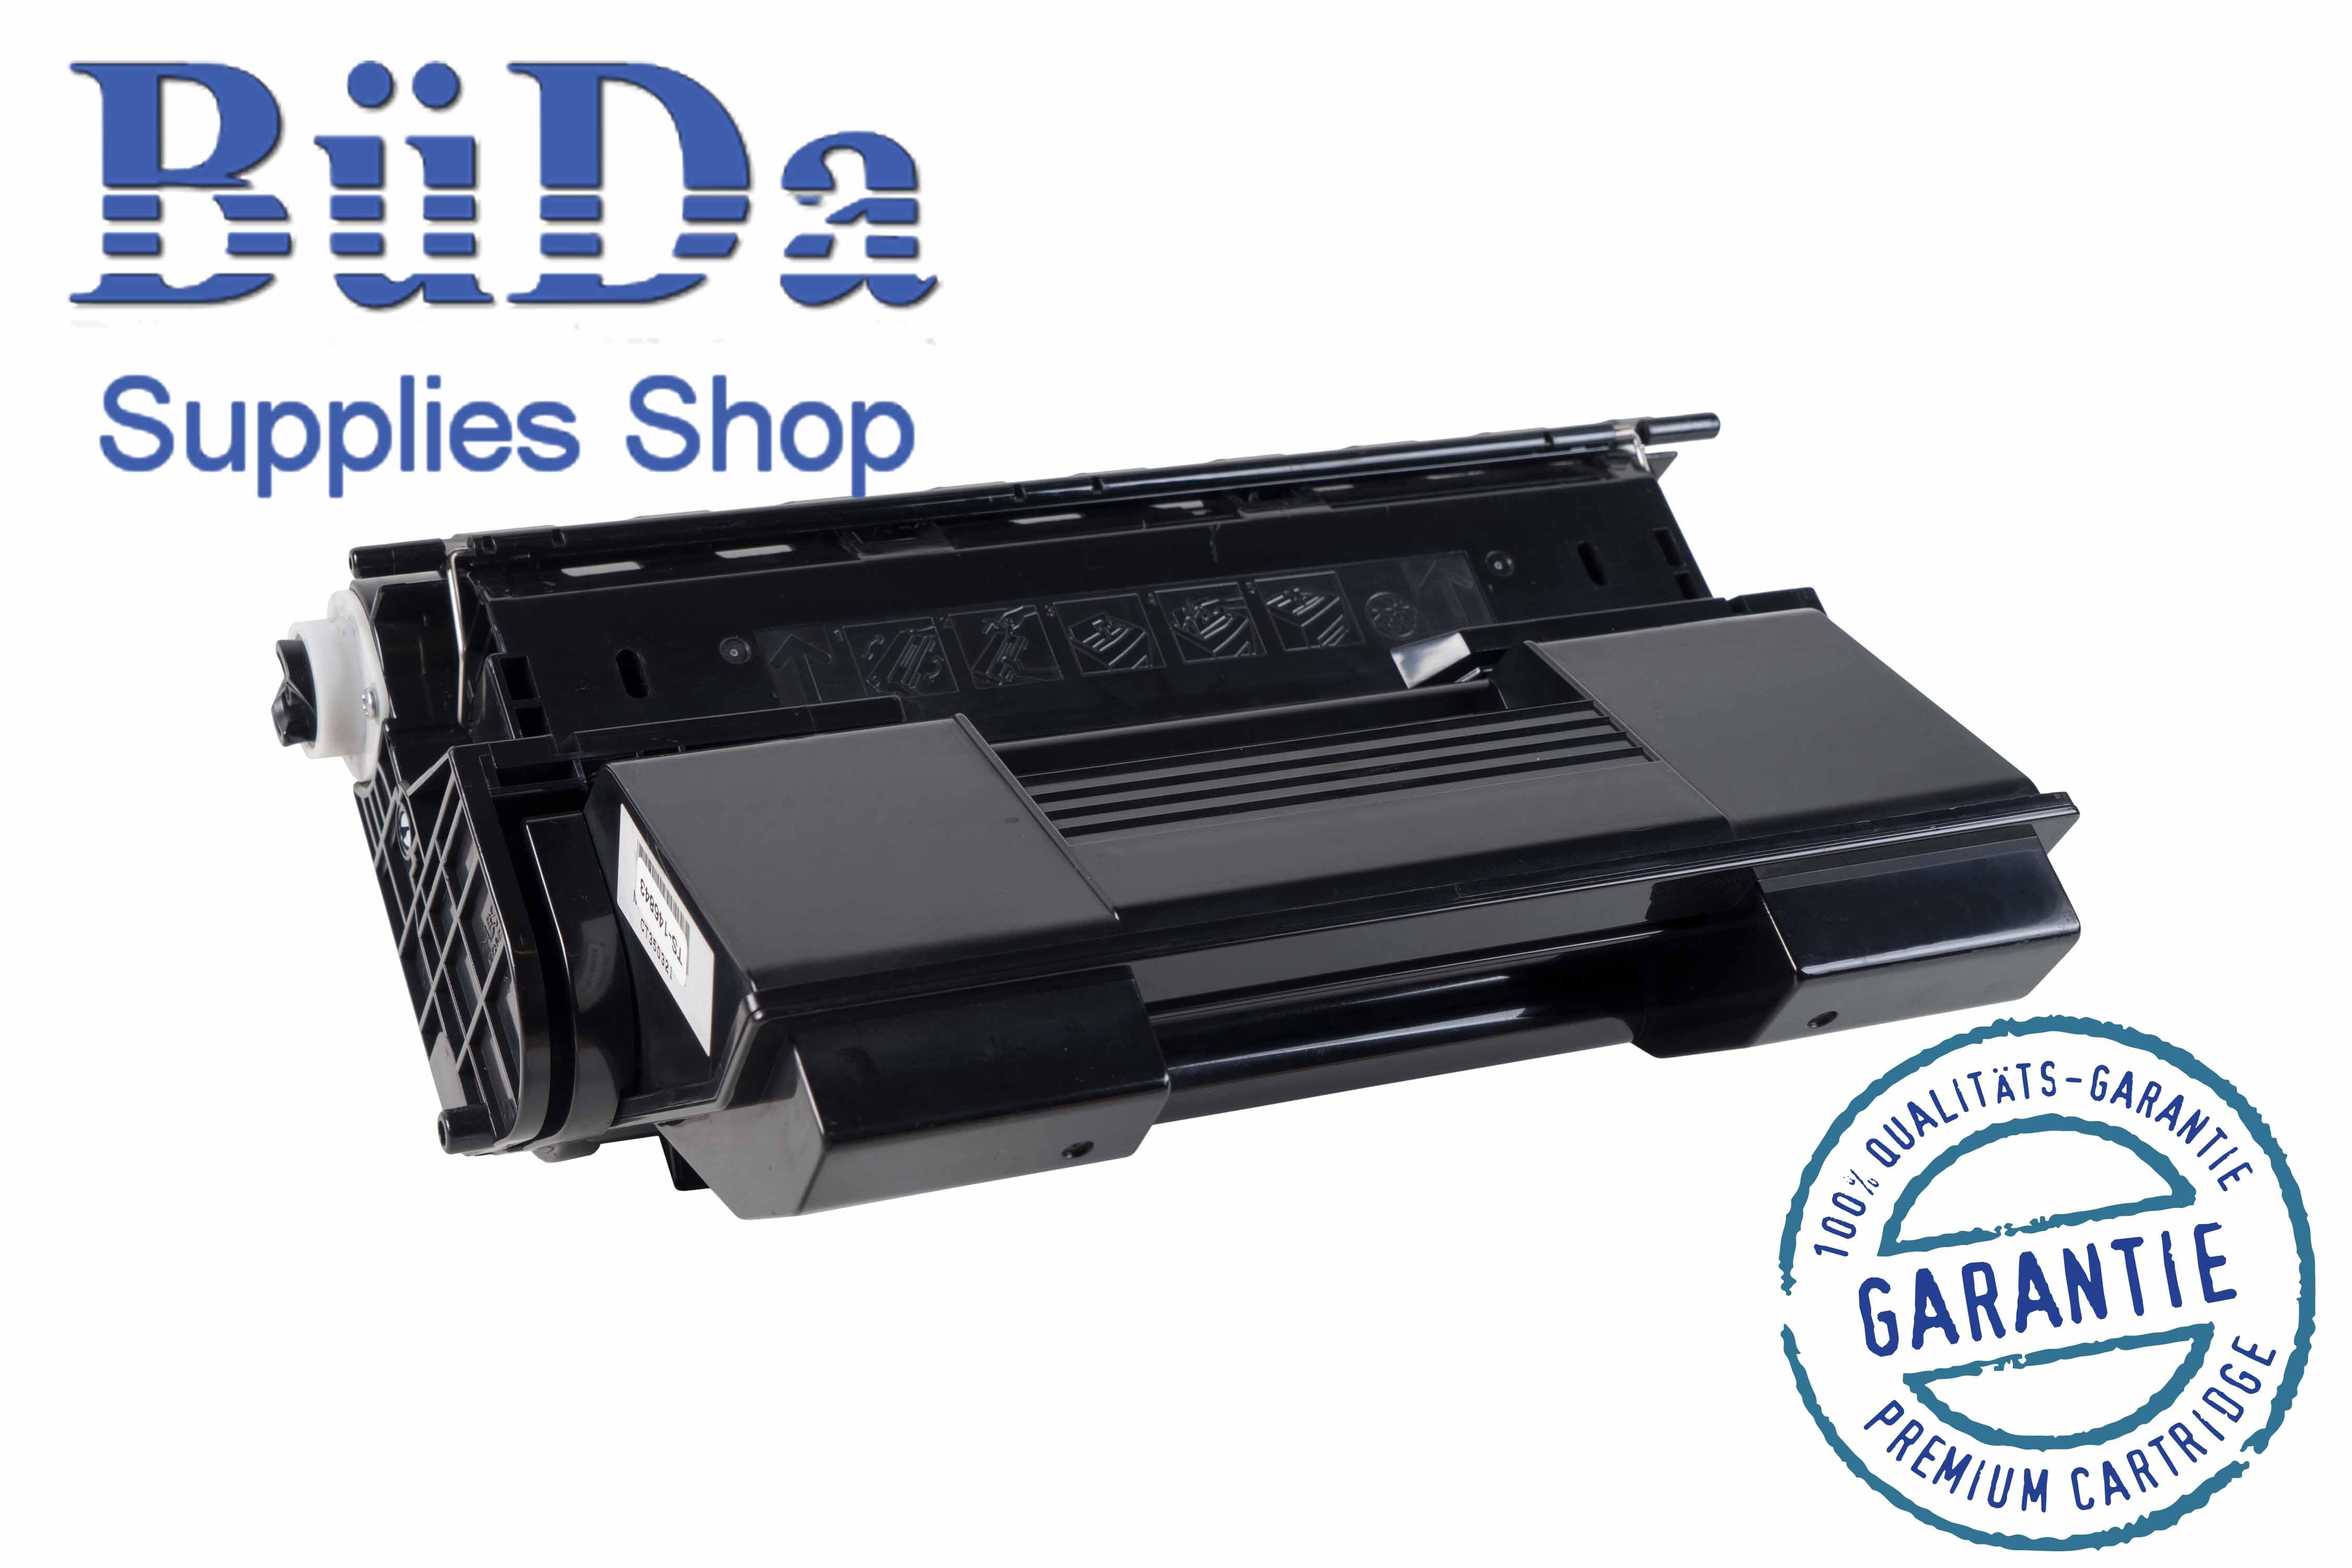 Toner-Modul komp. zu EPL-N3000 black 17000 Seiten